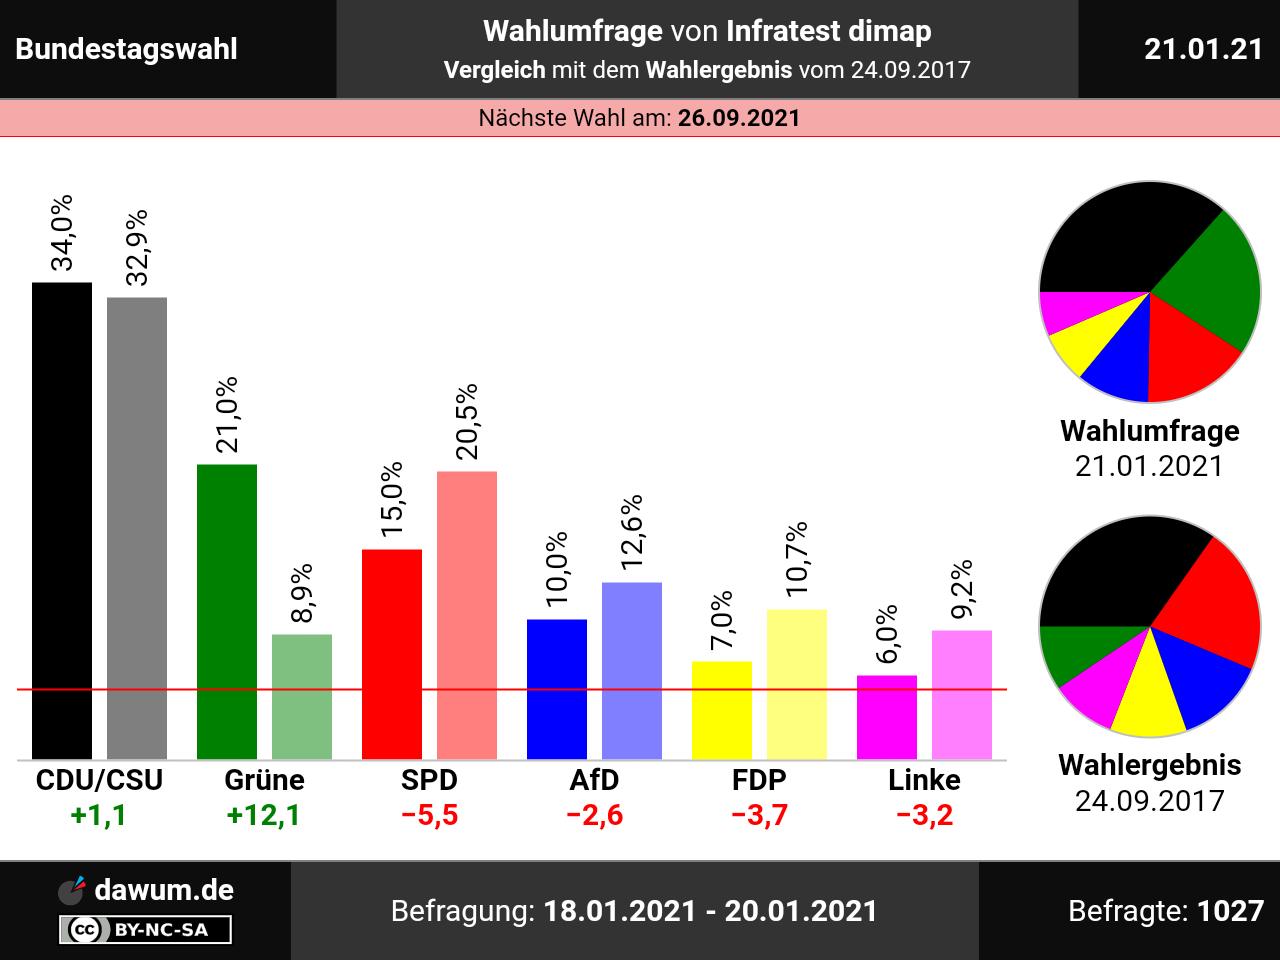 Bundestagswahl: Wahlumfrage vom 21.01.2021 von Infratest ...